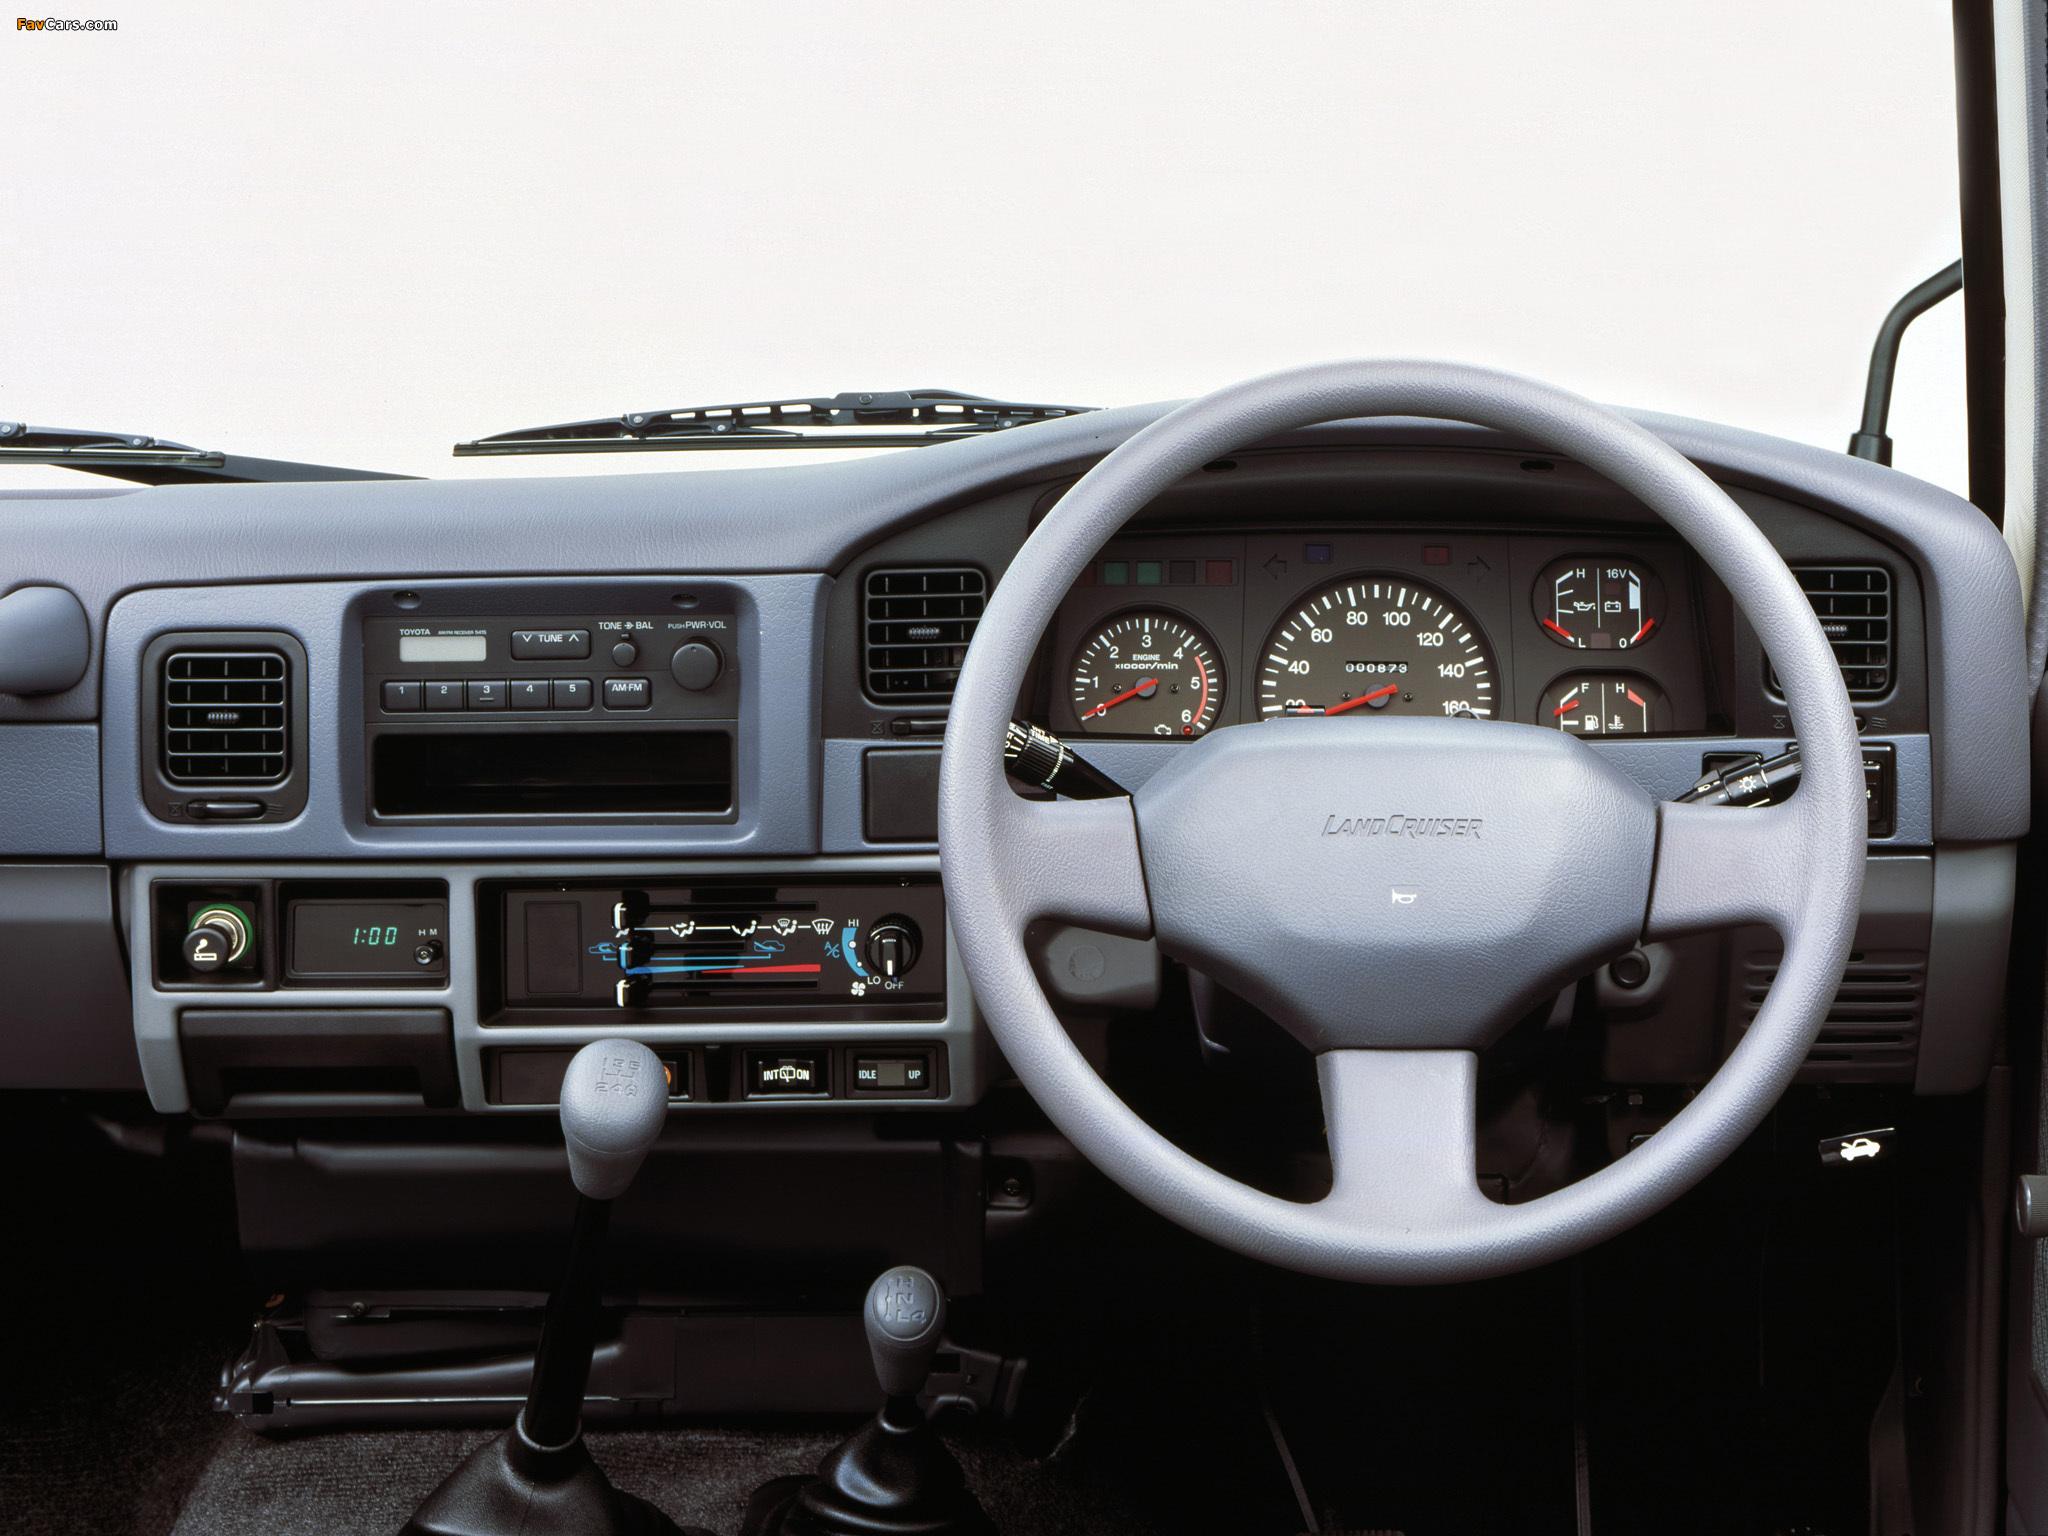 Wallpapers Of Toyota Land Cruiser Prado Lj71g 1990 96